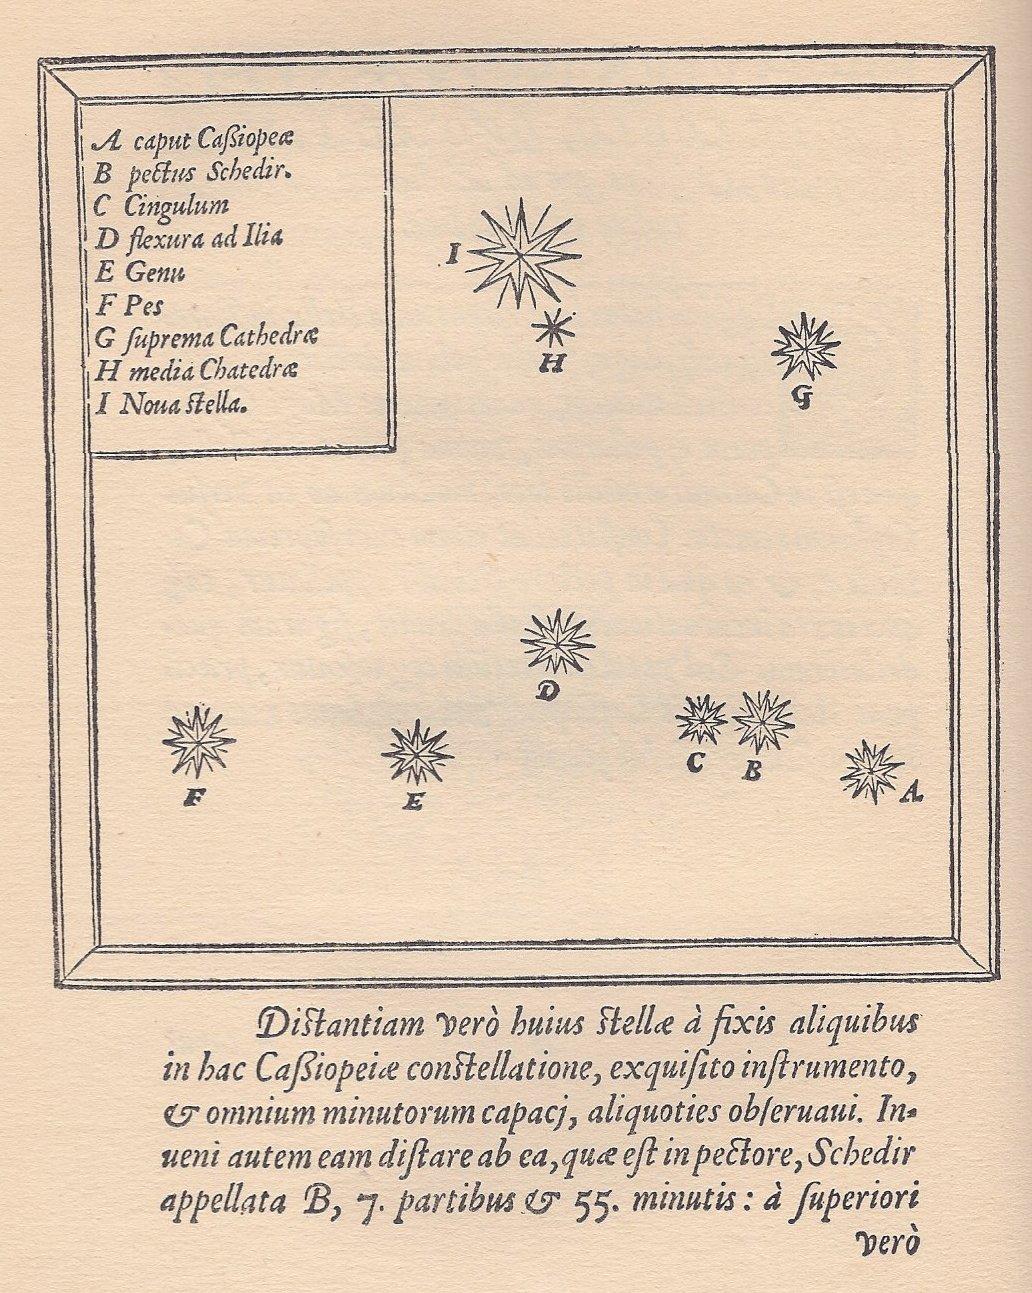 supernova 1572